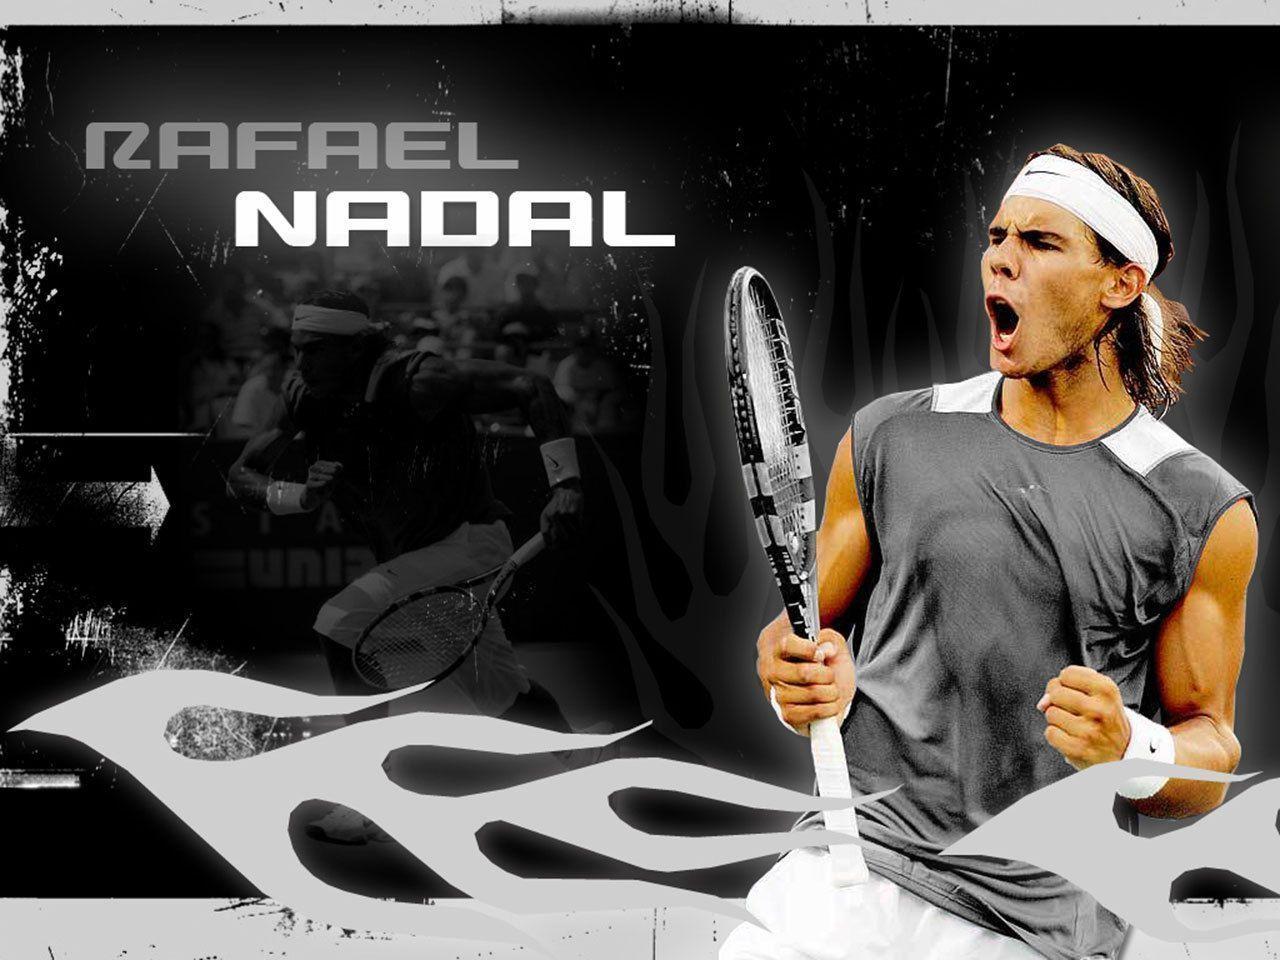 Rafael Nadal Wallpaper Tennis Hd Wallpapers Rafael Nadal Tennis Stars Tennis Rafael Nadal